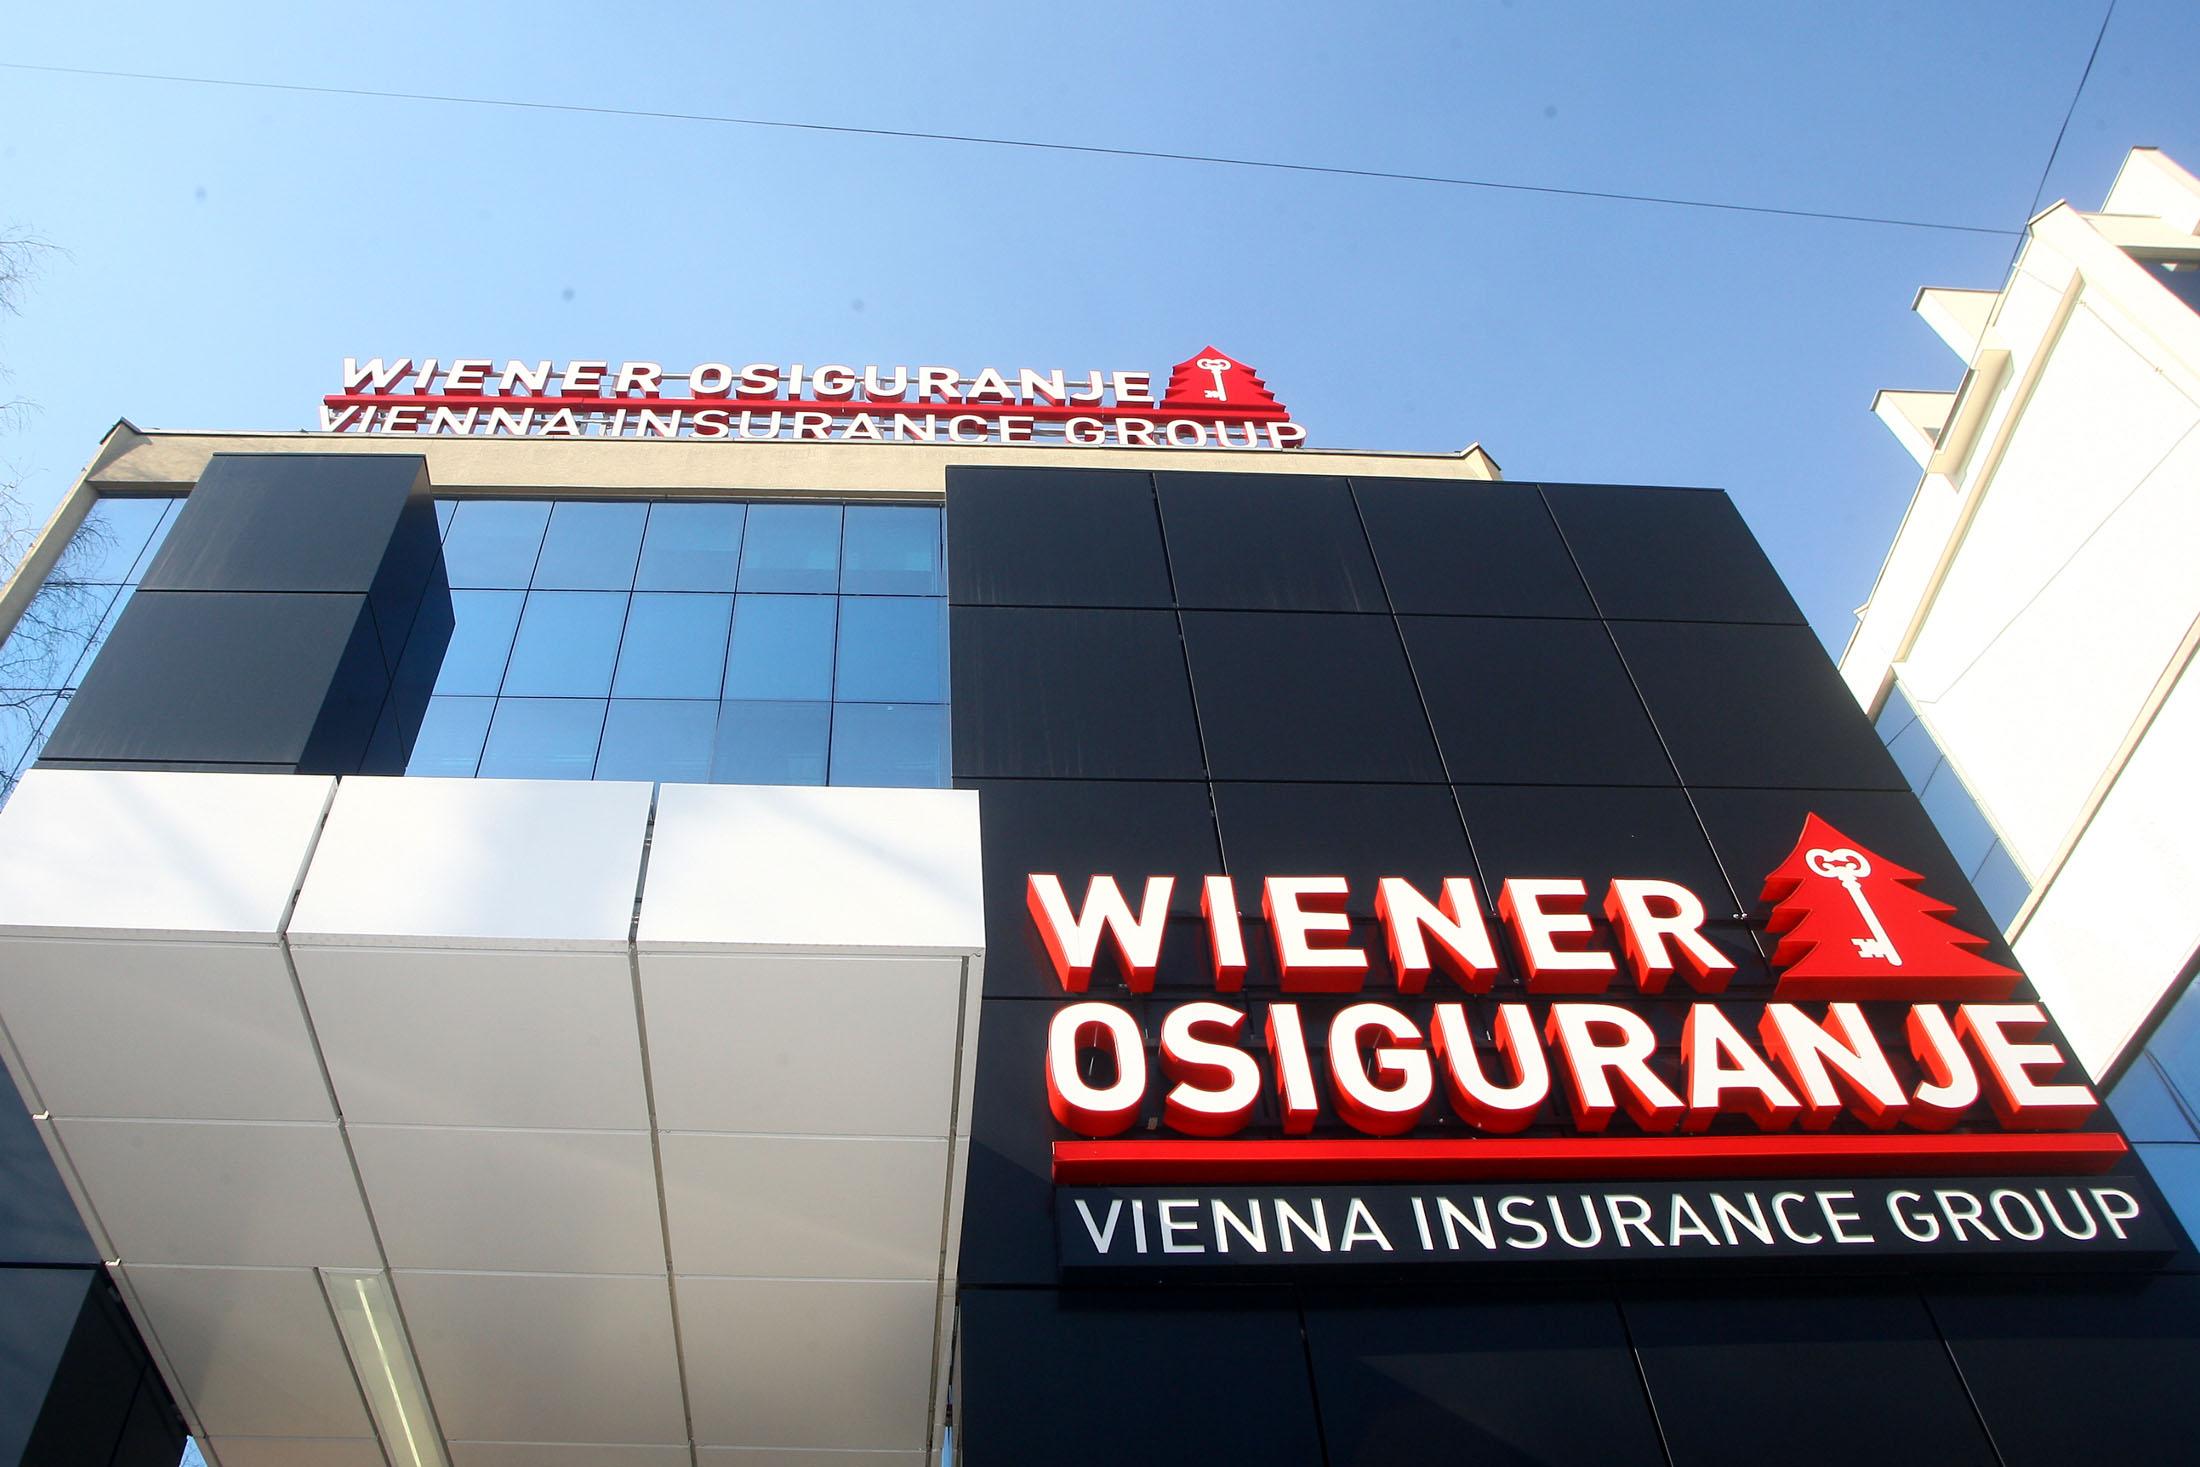 Wiener osiguranje dokapitalizovano sa 2,9 miliona KM